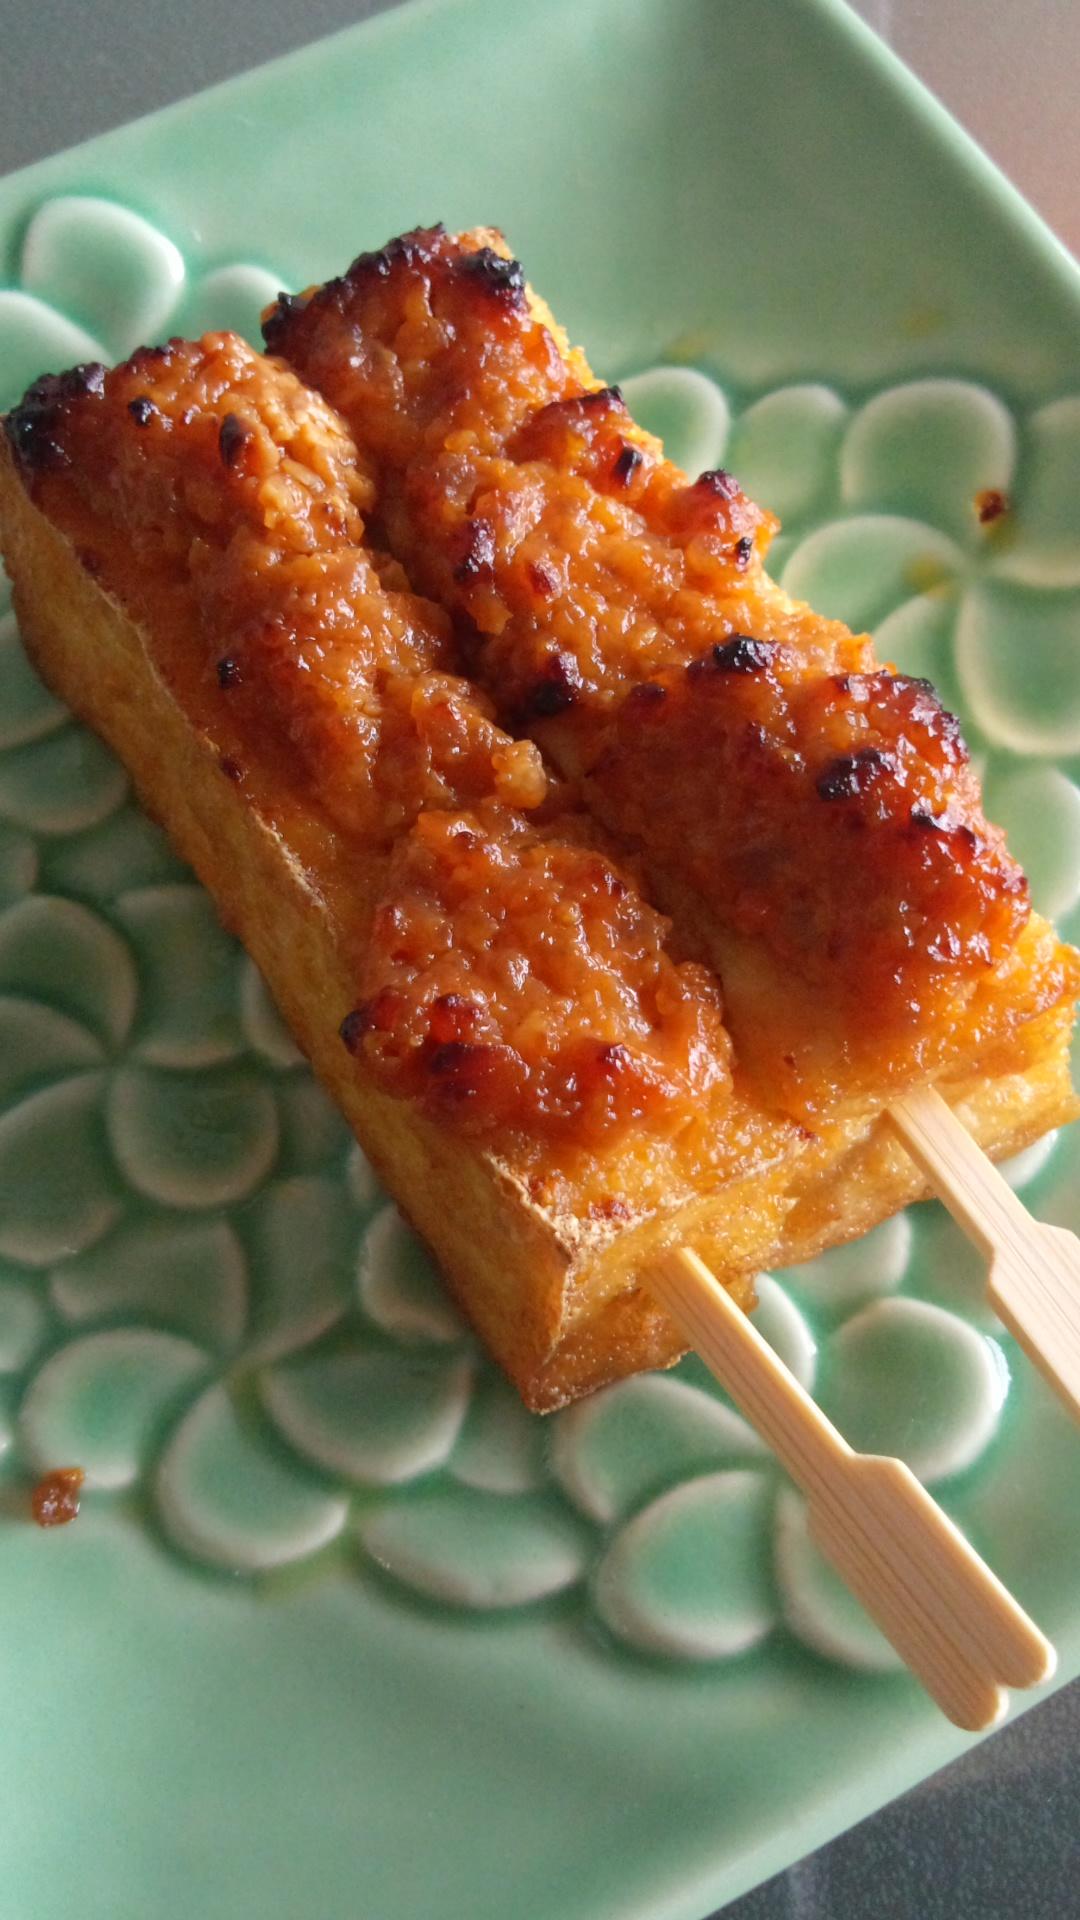 韓国風厚揚げの肉味噌田楽